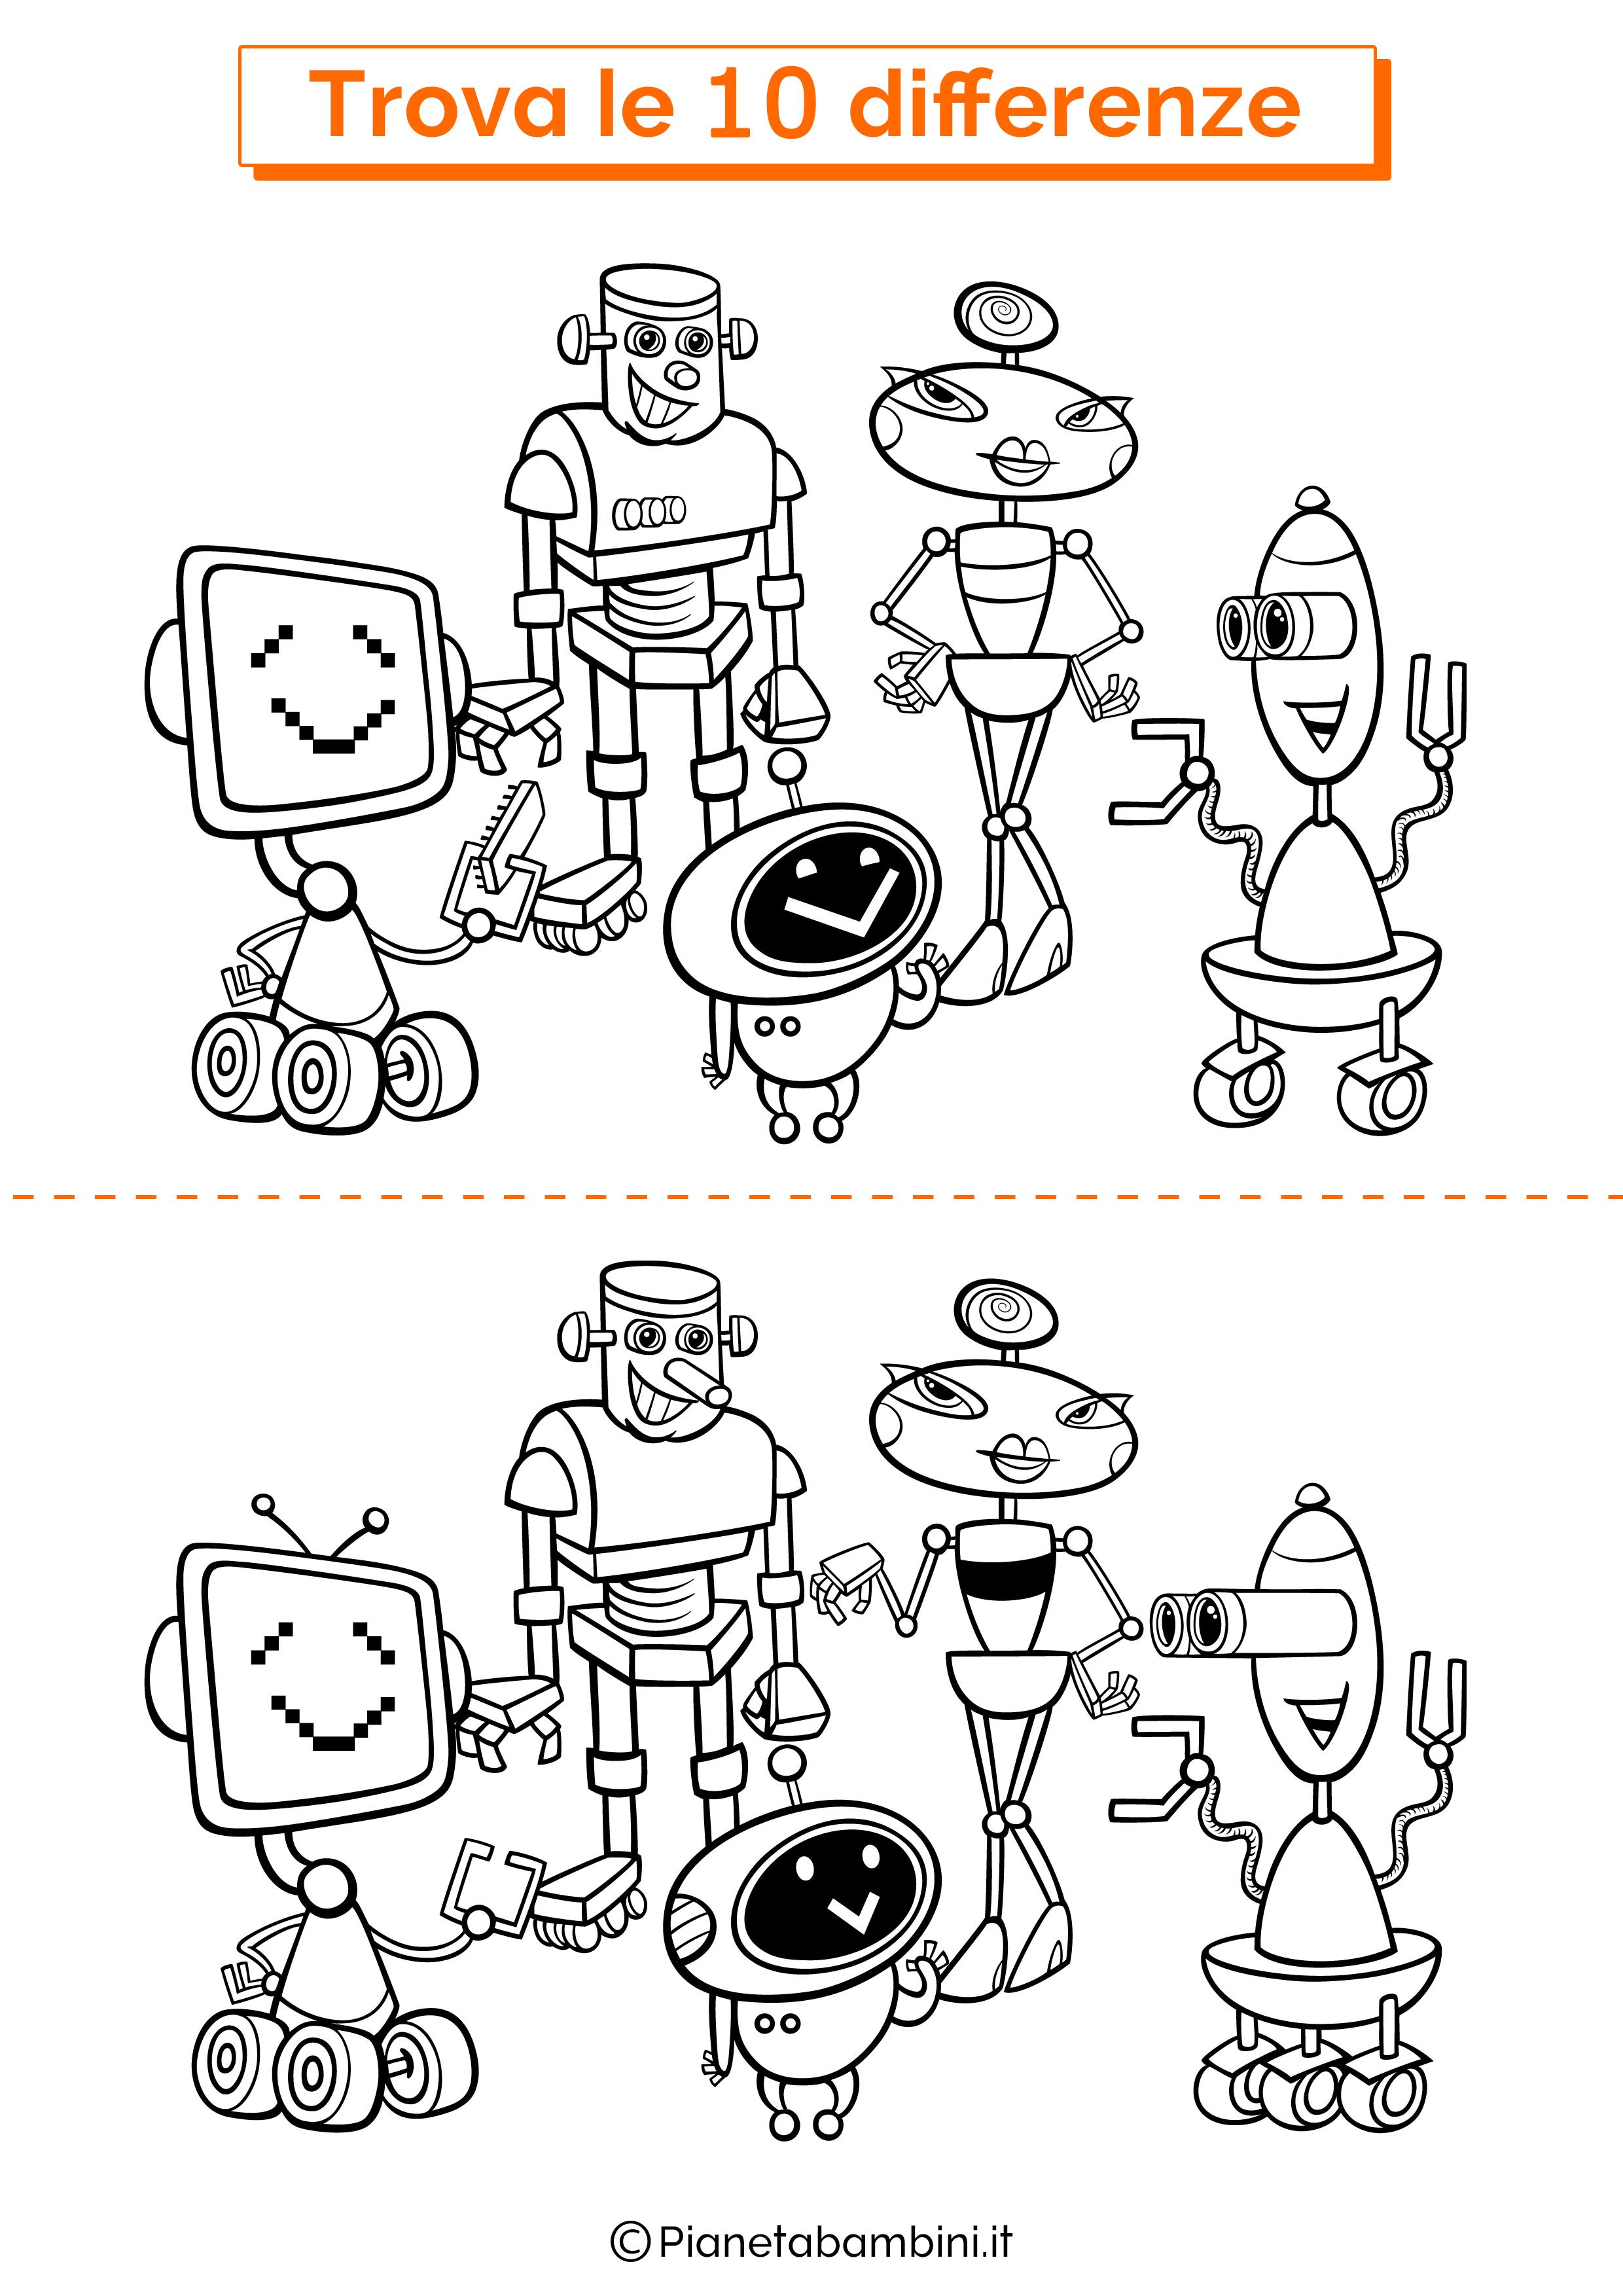 Disegno trova 10 differenze robot 2